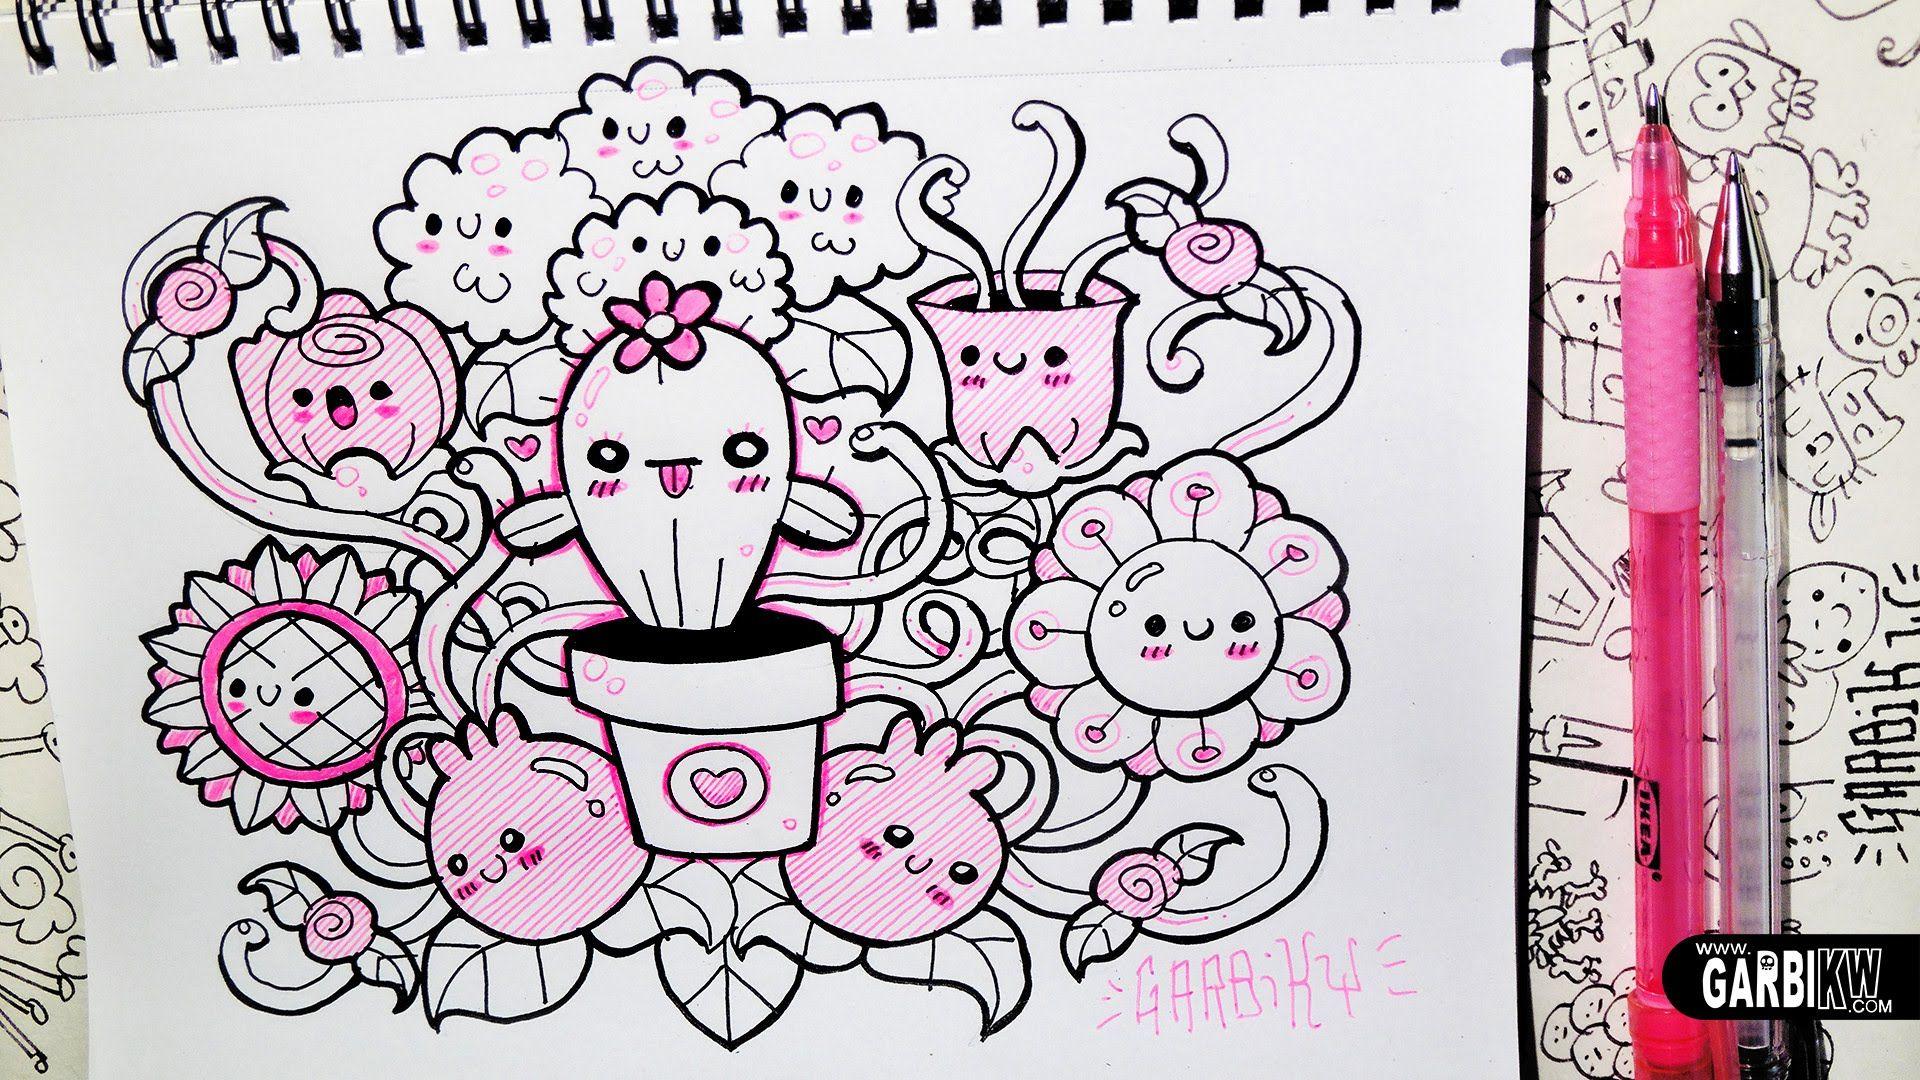 Kawaii Flowers ™� Hello Doodles ™� Easy Drawings By Garbi Kw